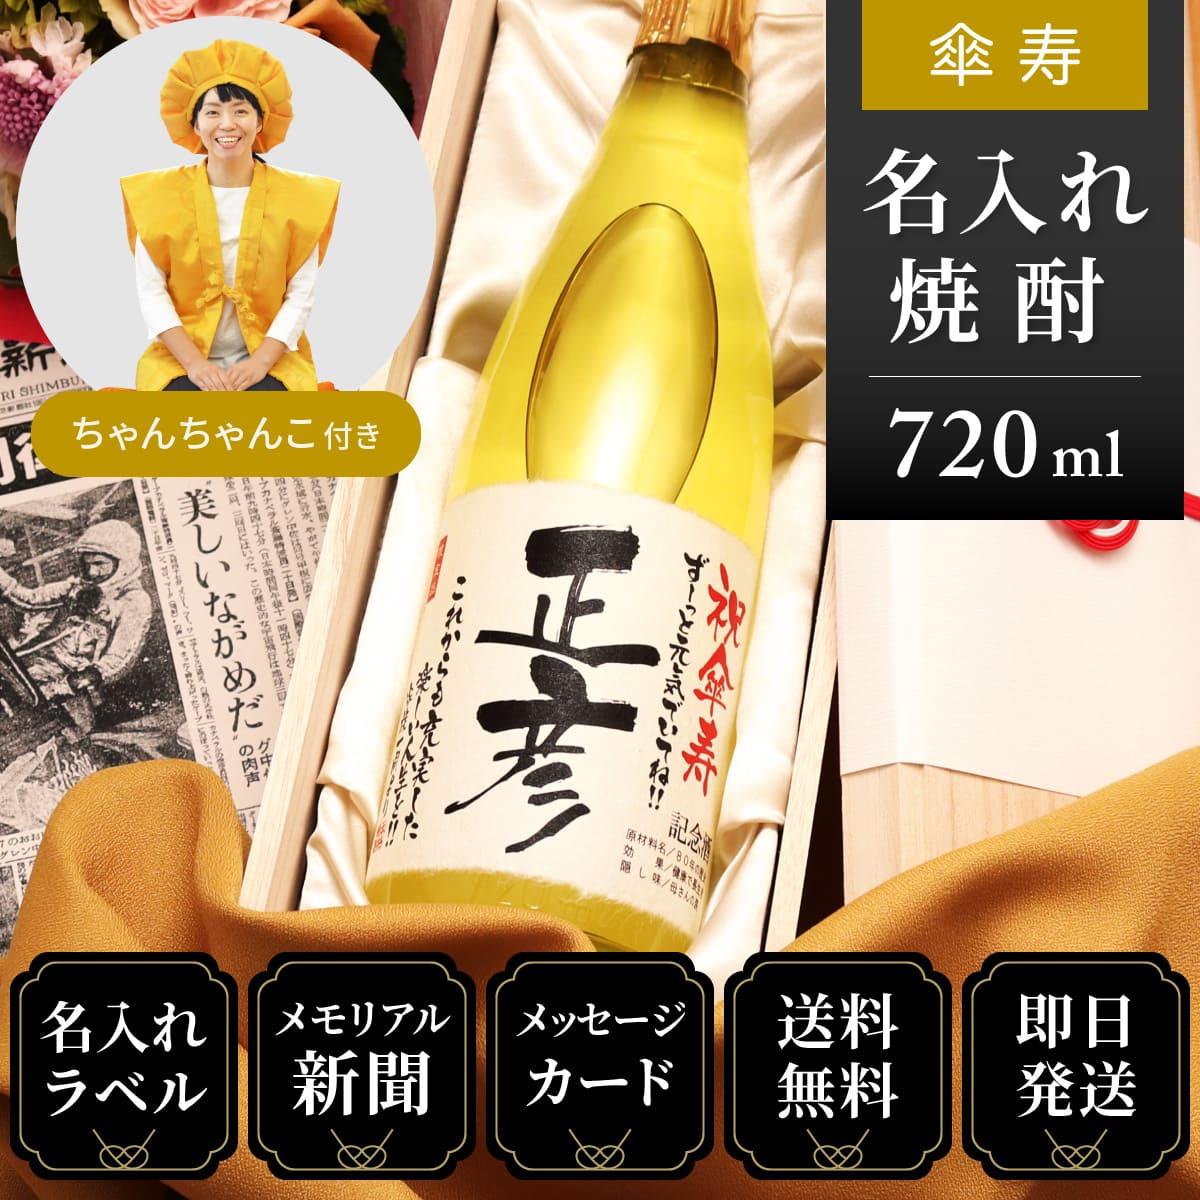 ちゃんちゃんこセット 傘寿のプレゼント「華乃雫月」母親向けギフト(酒粕焼酎)